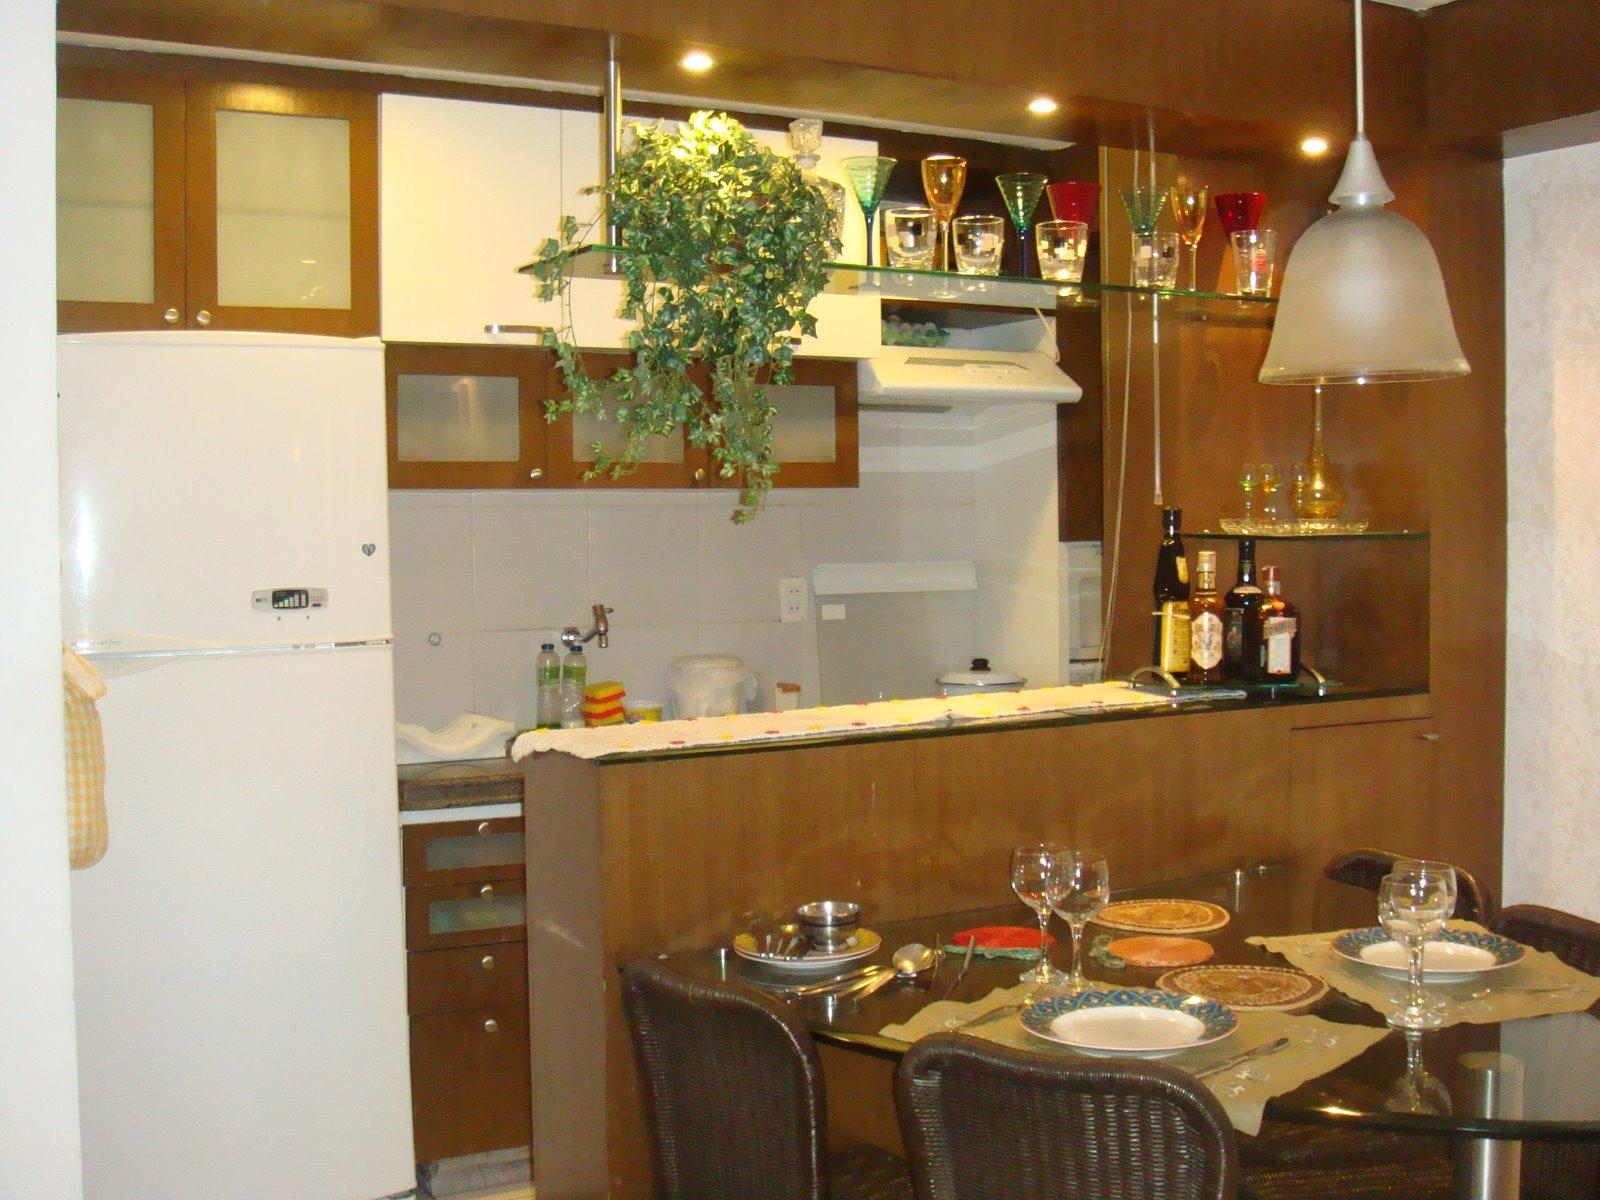 #6F431B Eu e a Decoração : Cozinhas espetaculares 1600x1200 px Projeto De Cozinha Com Sala Pequena #2847 imagens